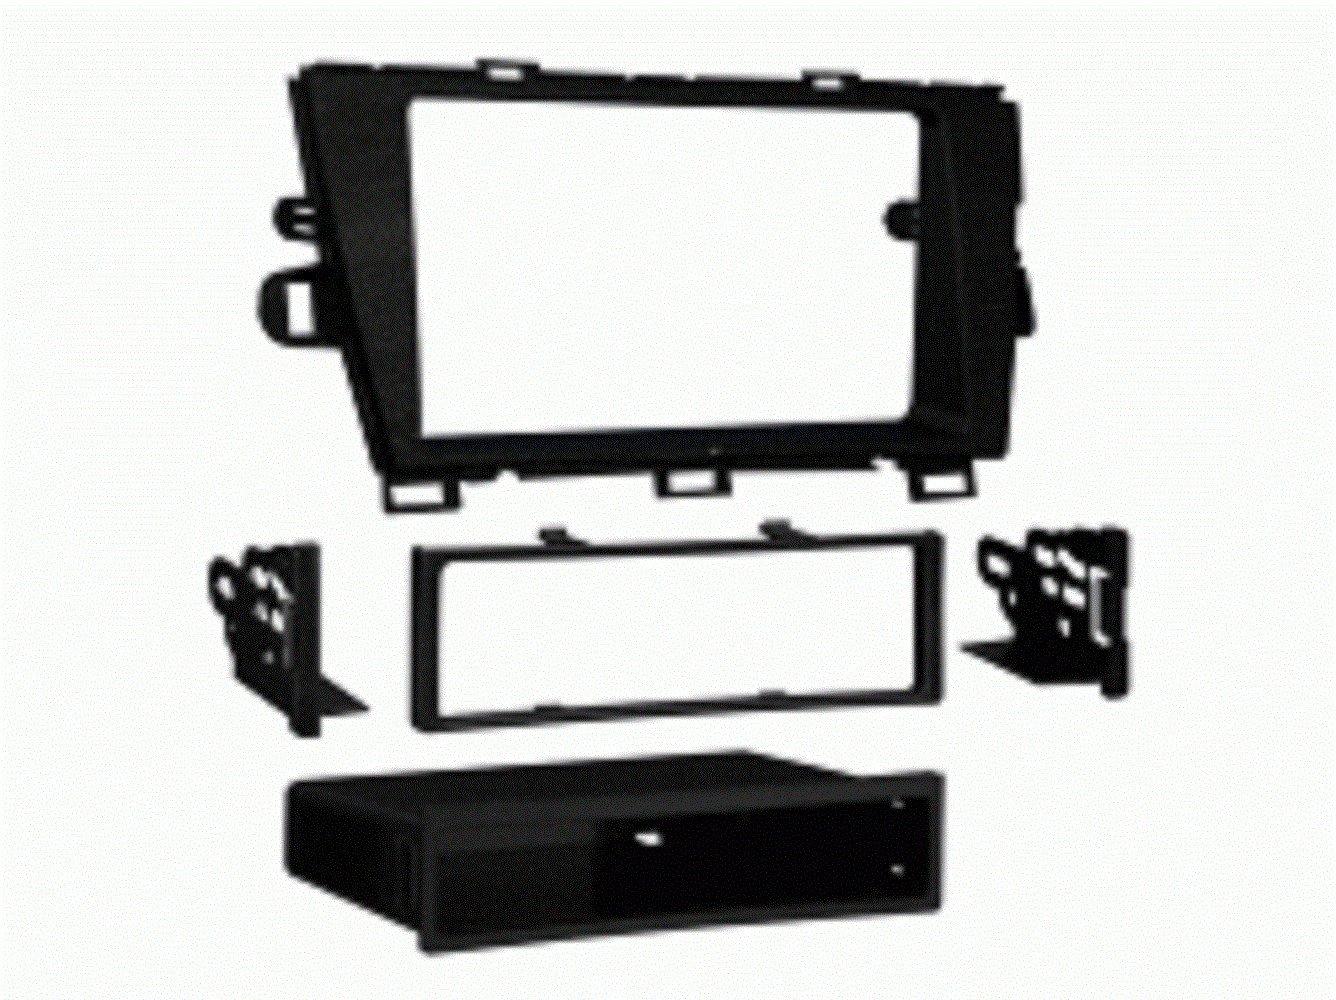 Metra 99-8226B Dash Kit for Toyota Prius 2010 Single DIN (Black)